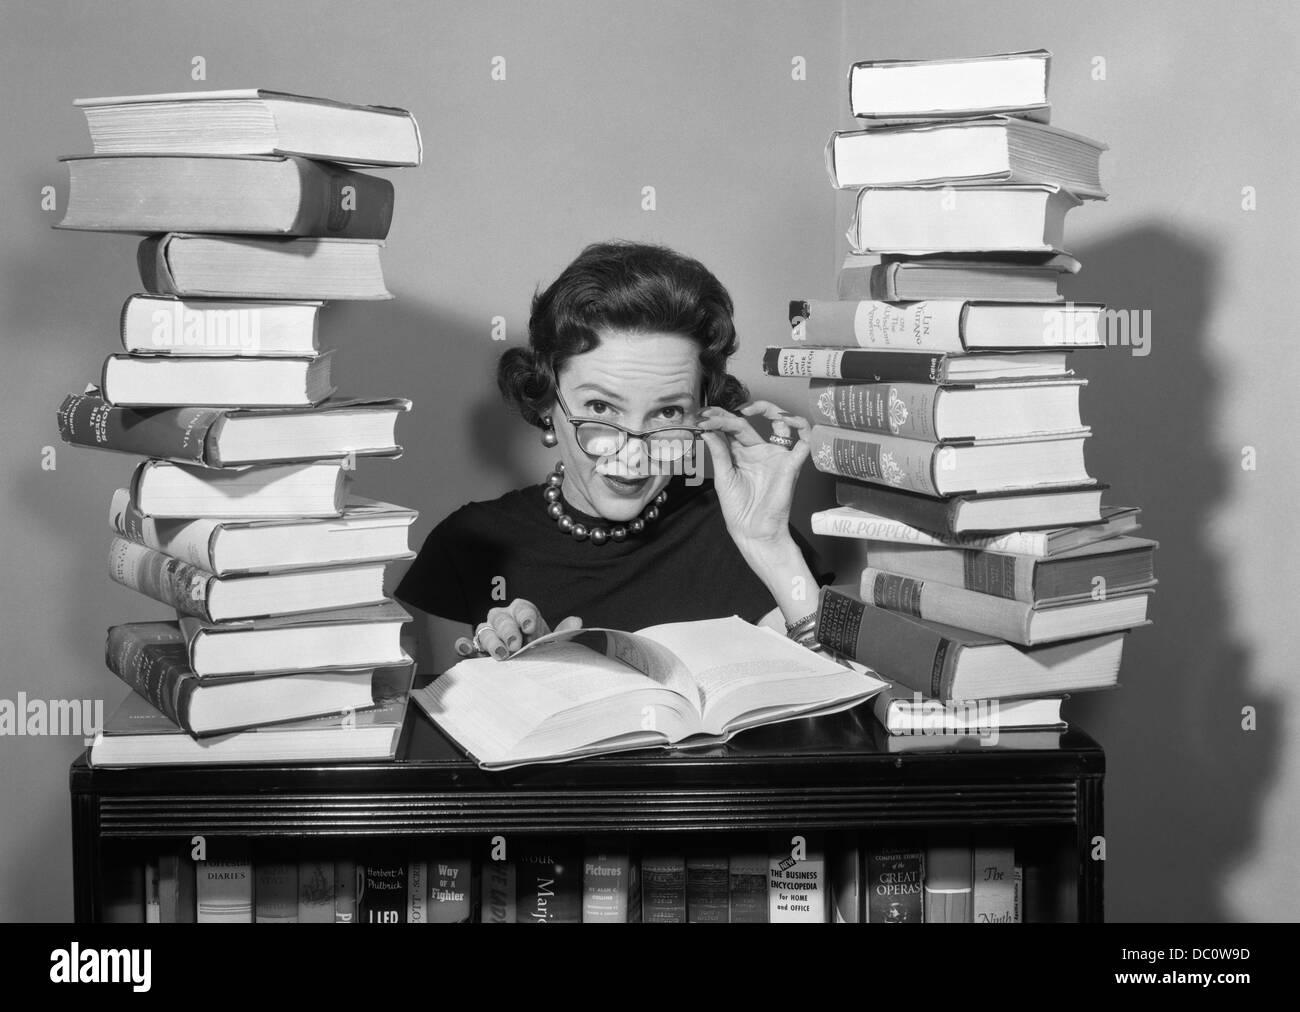 Anni Cinquanta donna seduta tra le pile di libri tirando verso il basso gli occhiali per guardare oltre i cerchioni Immagini Stock